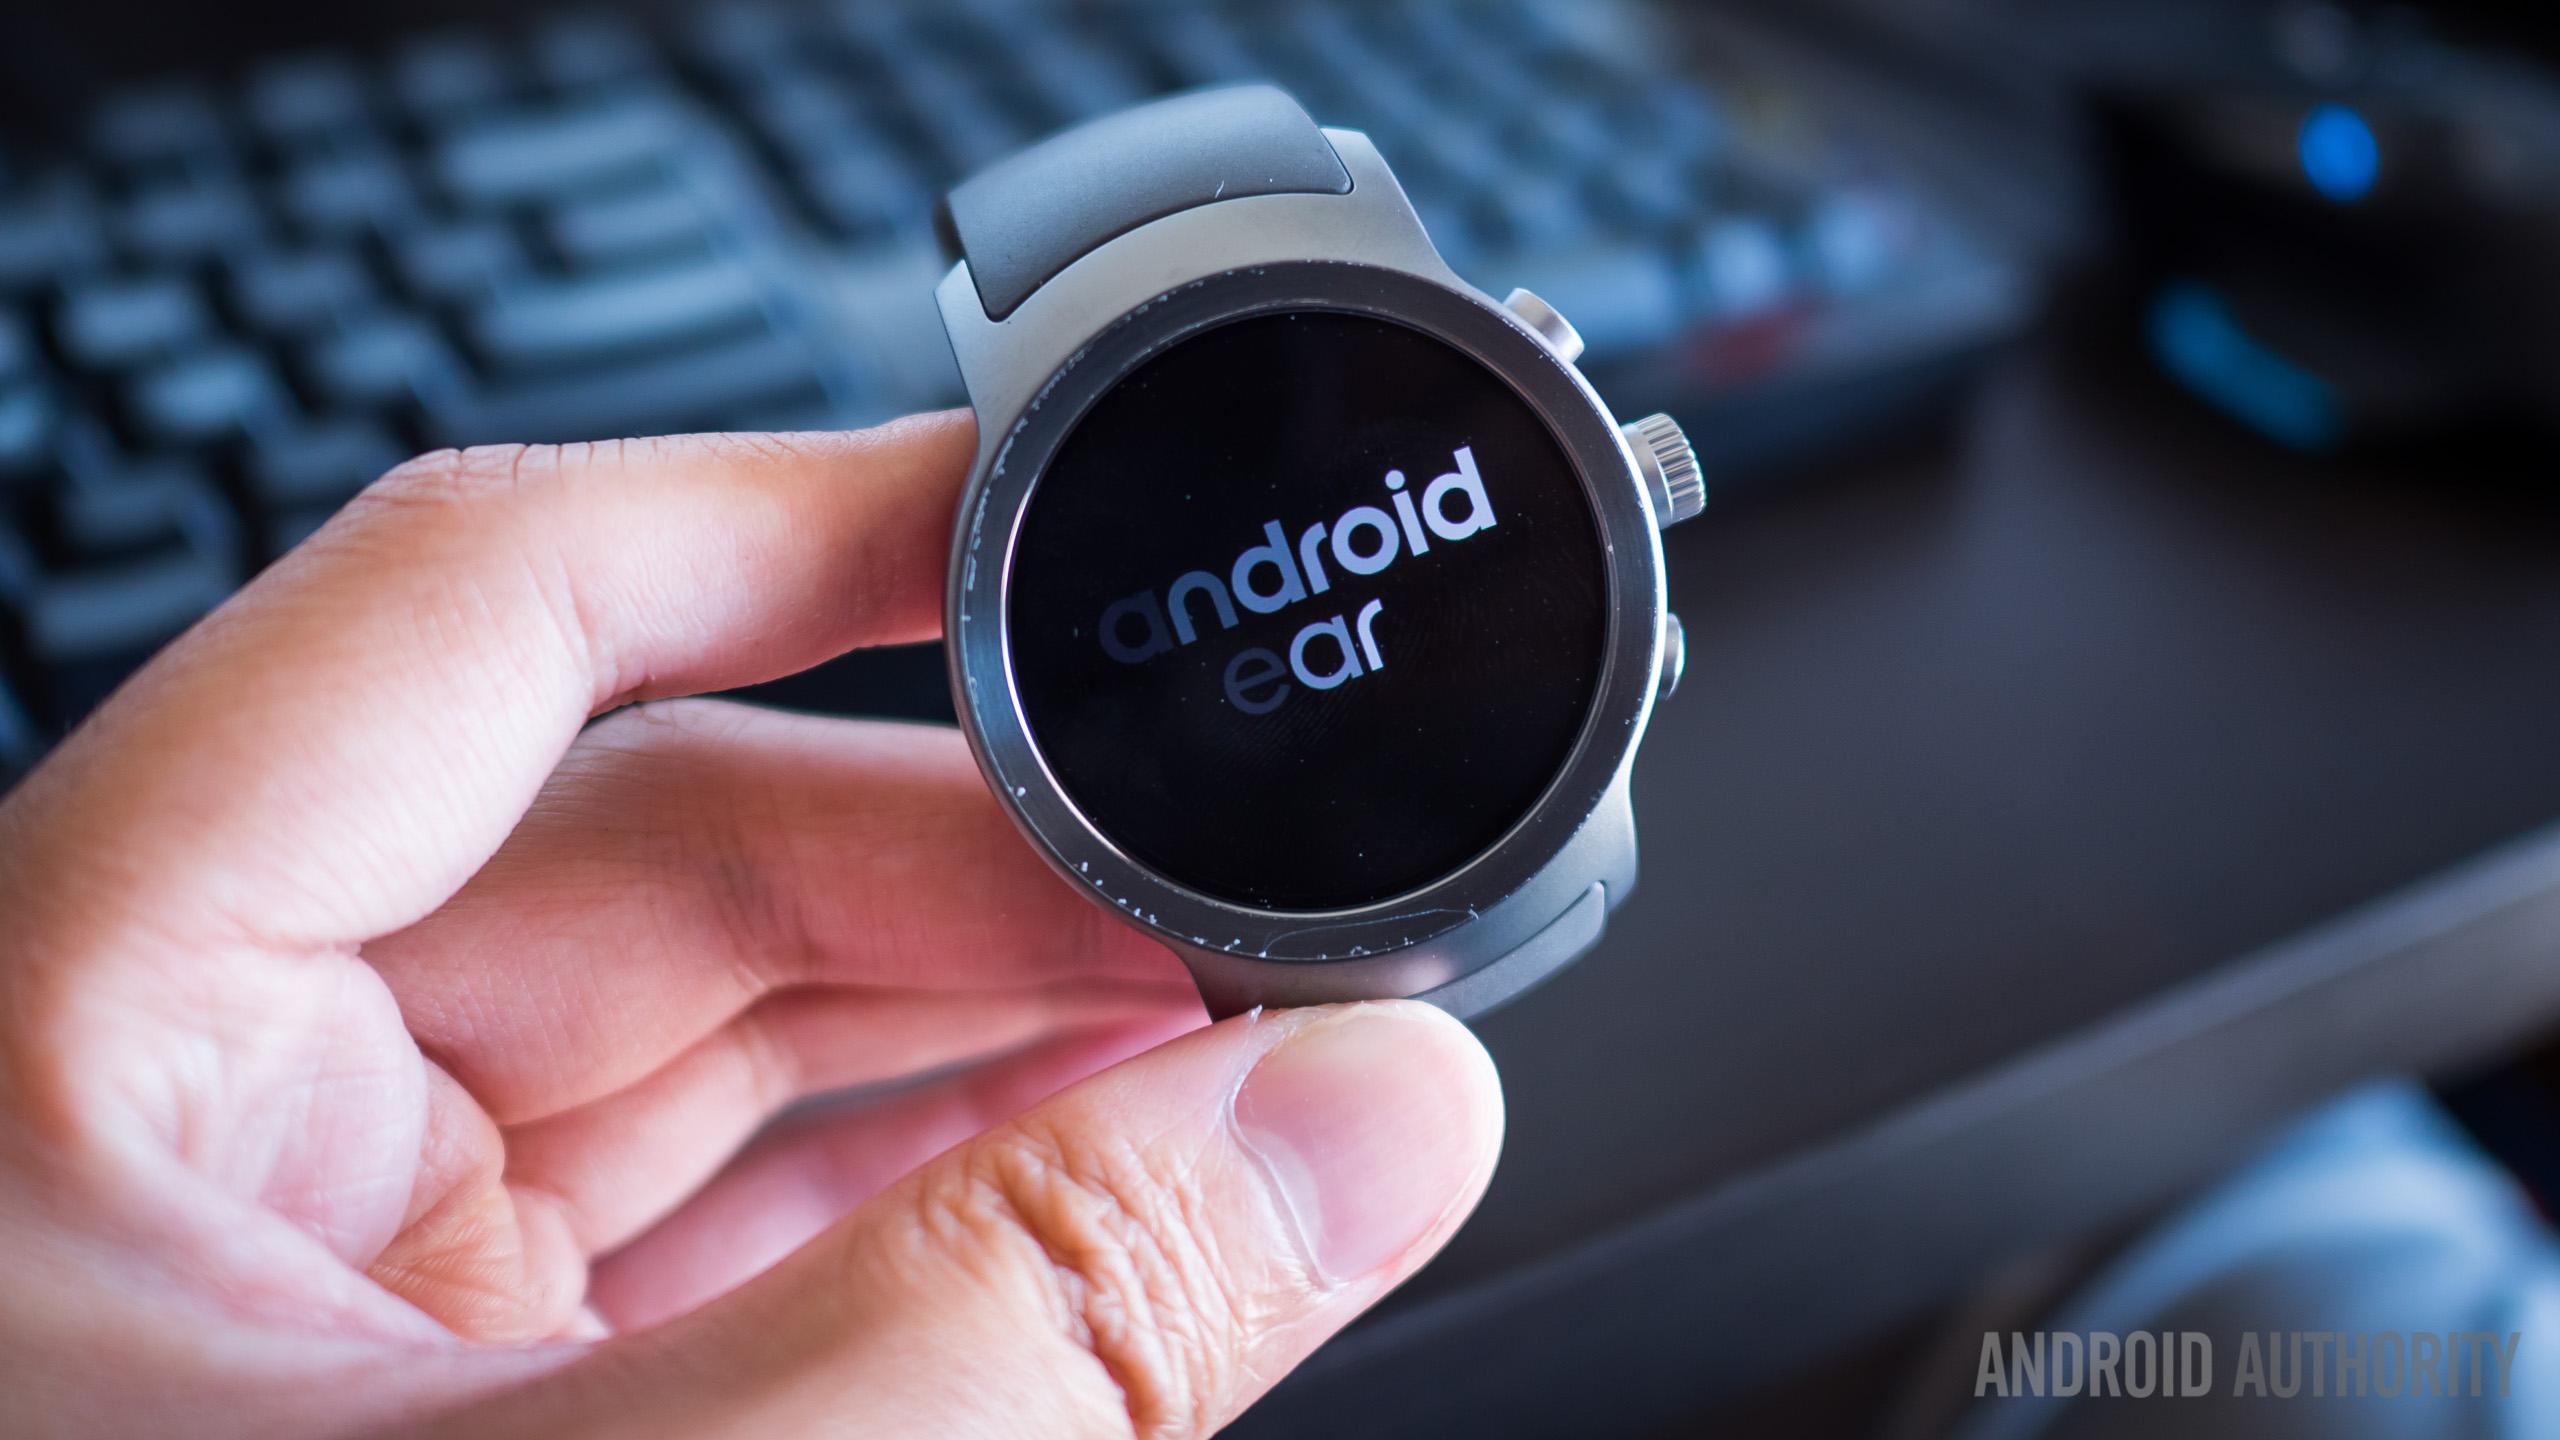 НовейшуюОС Oreo установили 1% пользователей андроид